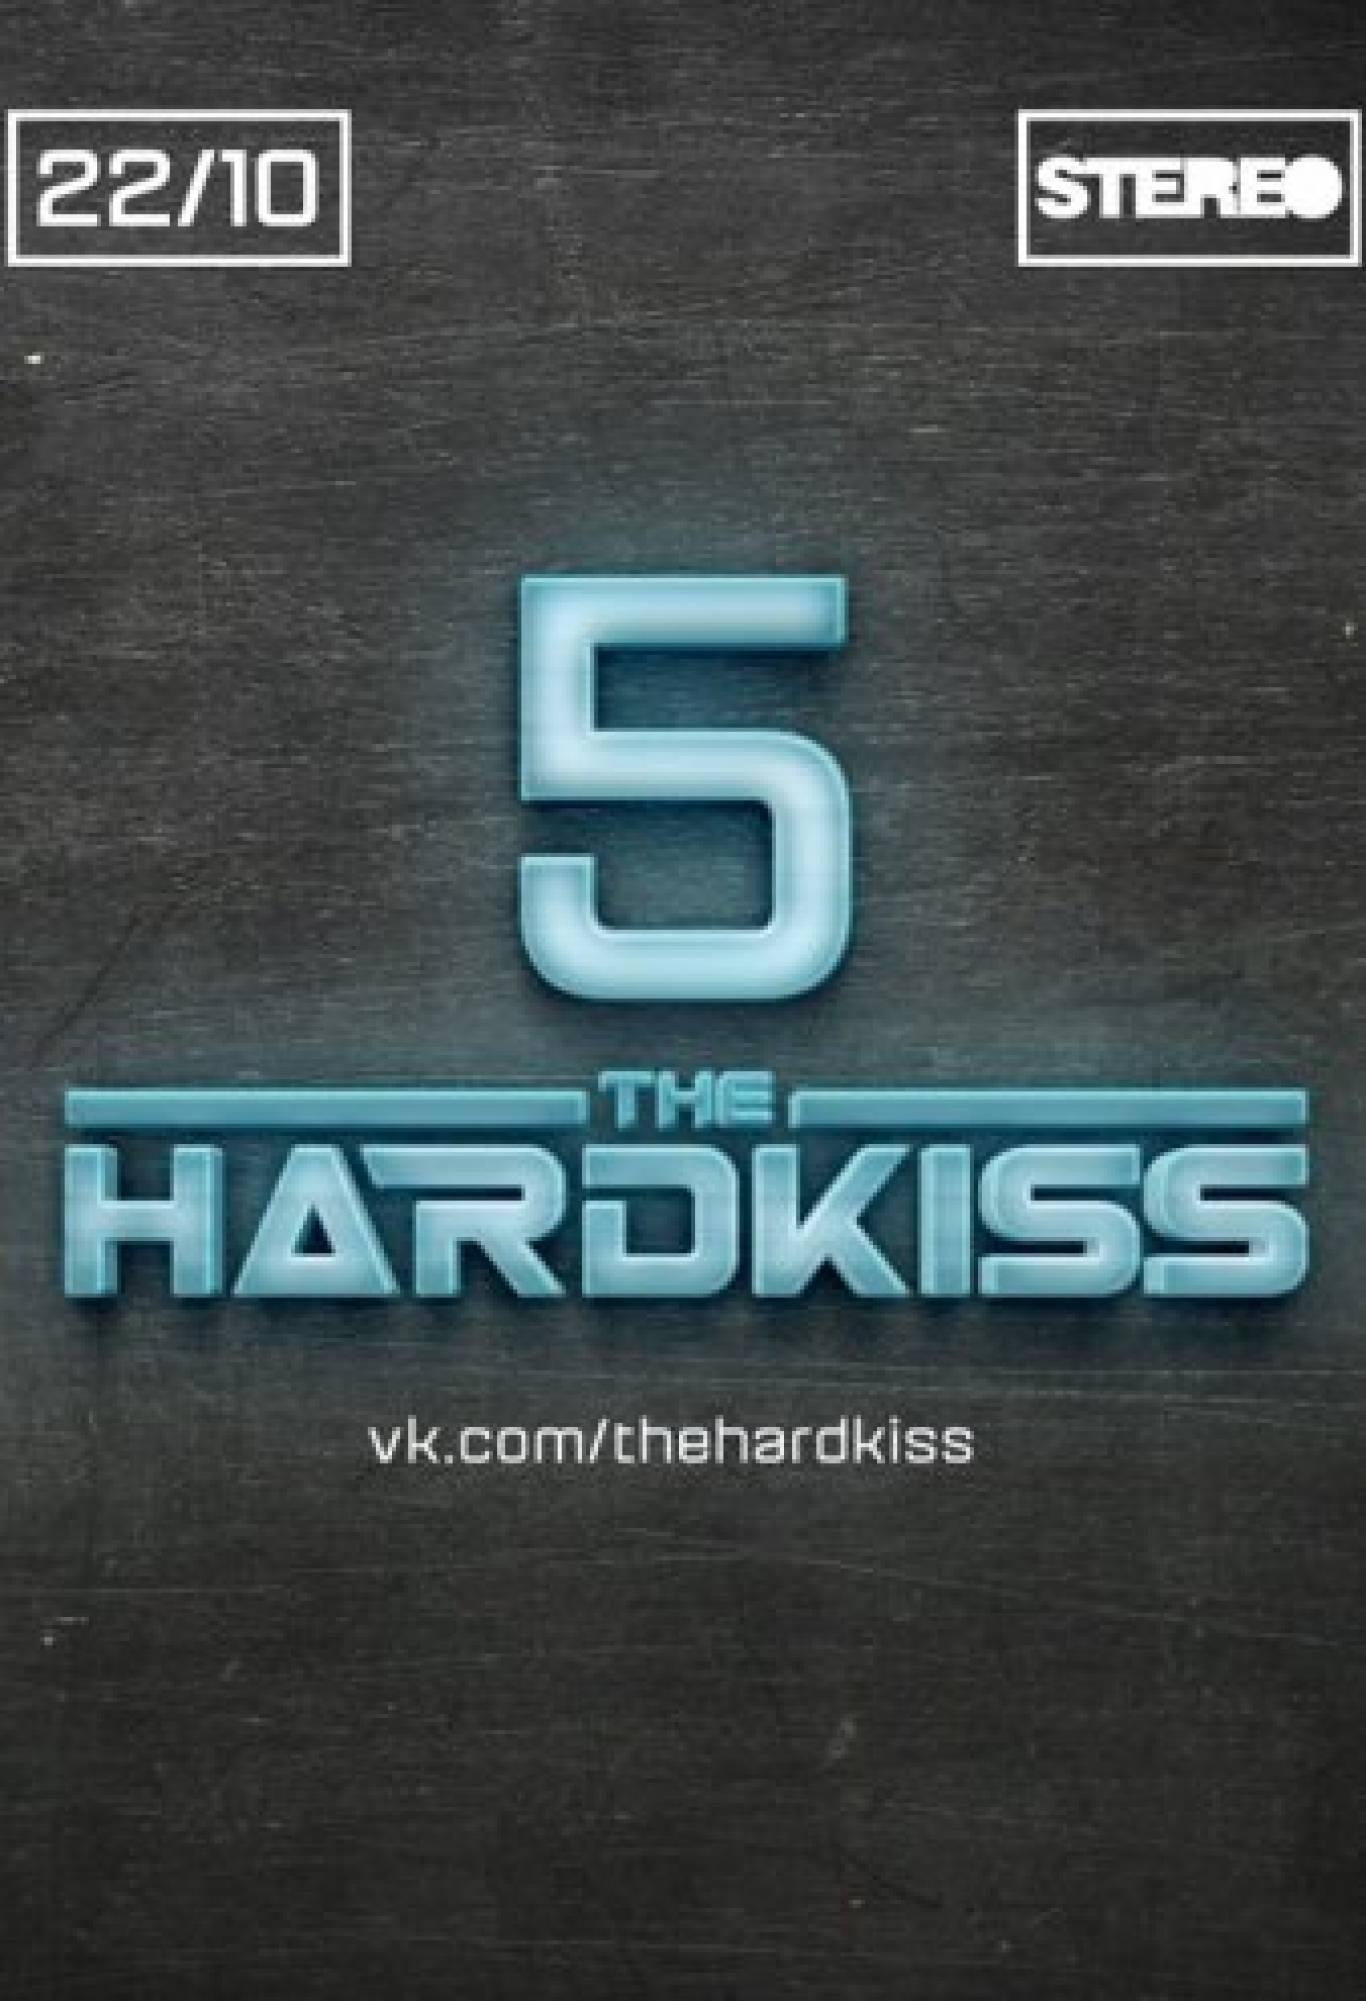 П'ятиріччя гурту The Hardkiss в Stereo Plaza